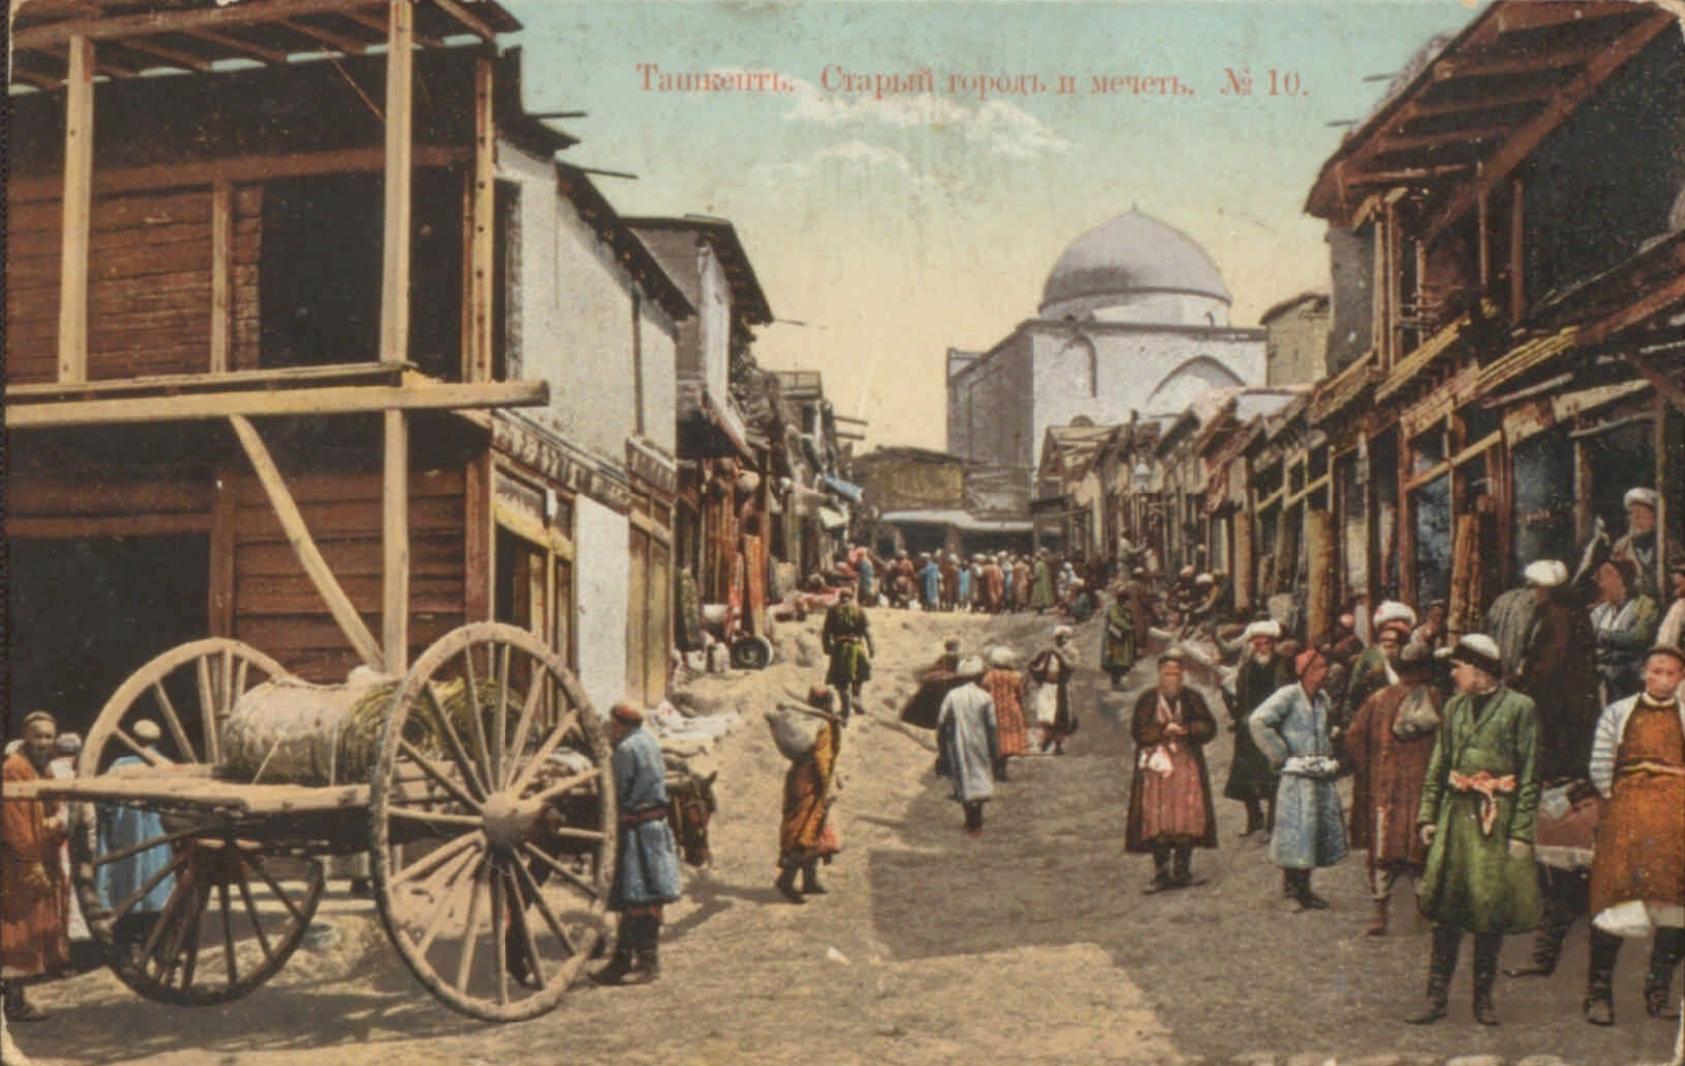 Старый город и мечеть